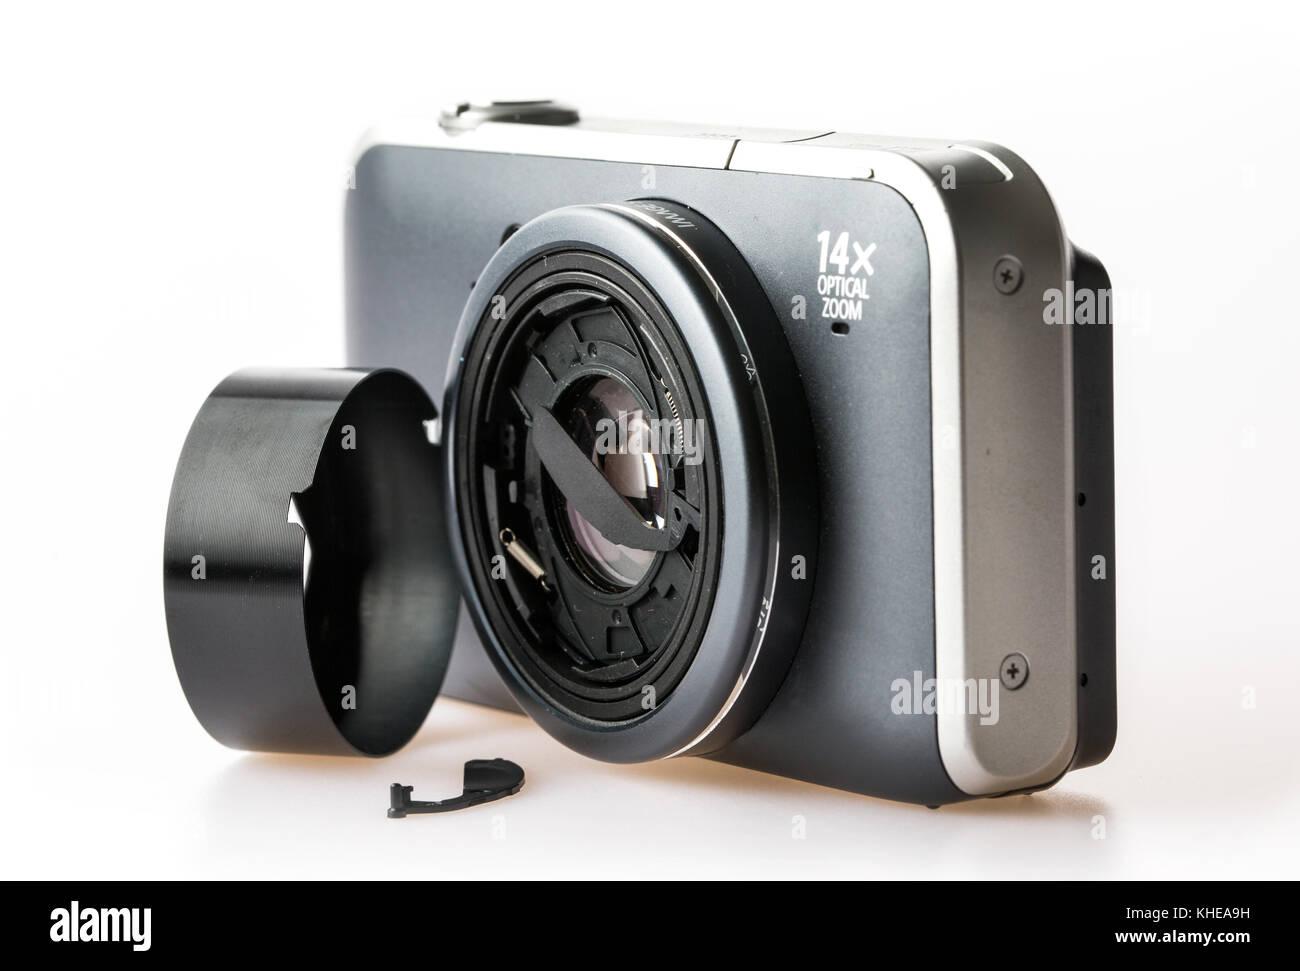 Un appareil photo numérique compact cassé brisé Banque D'Images